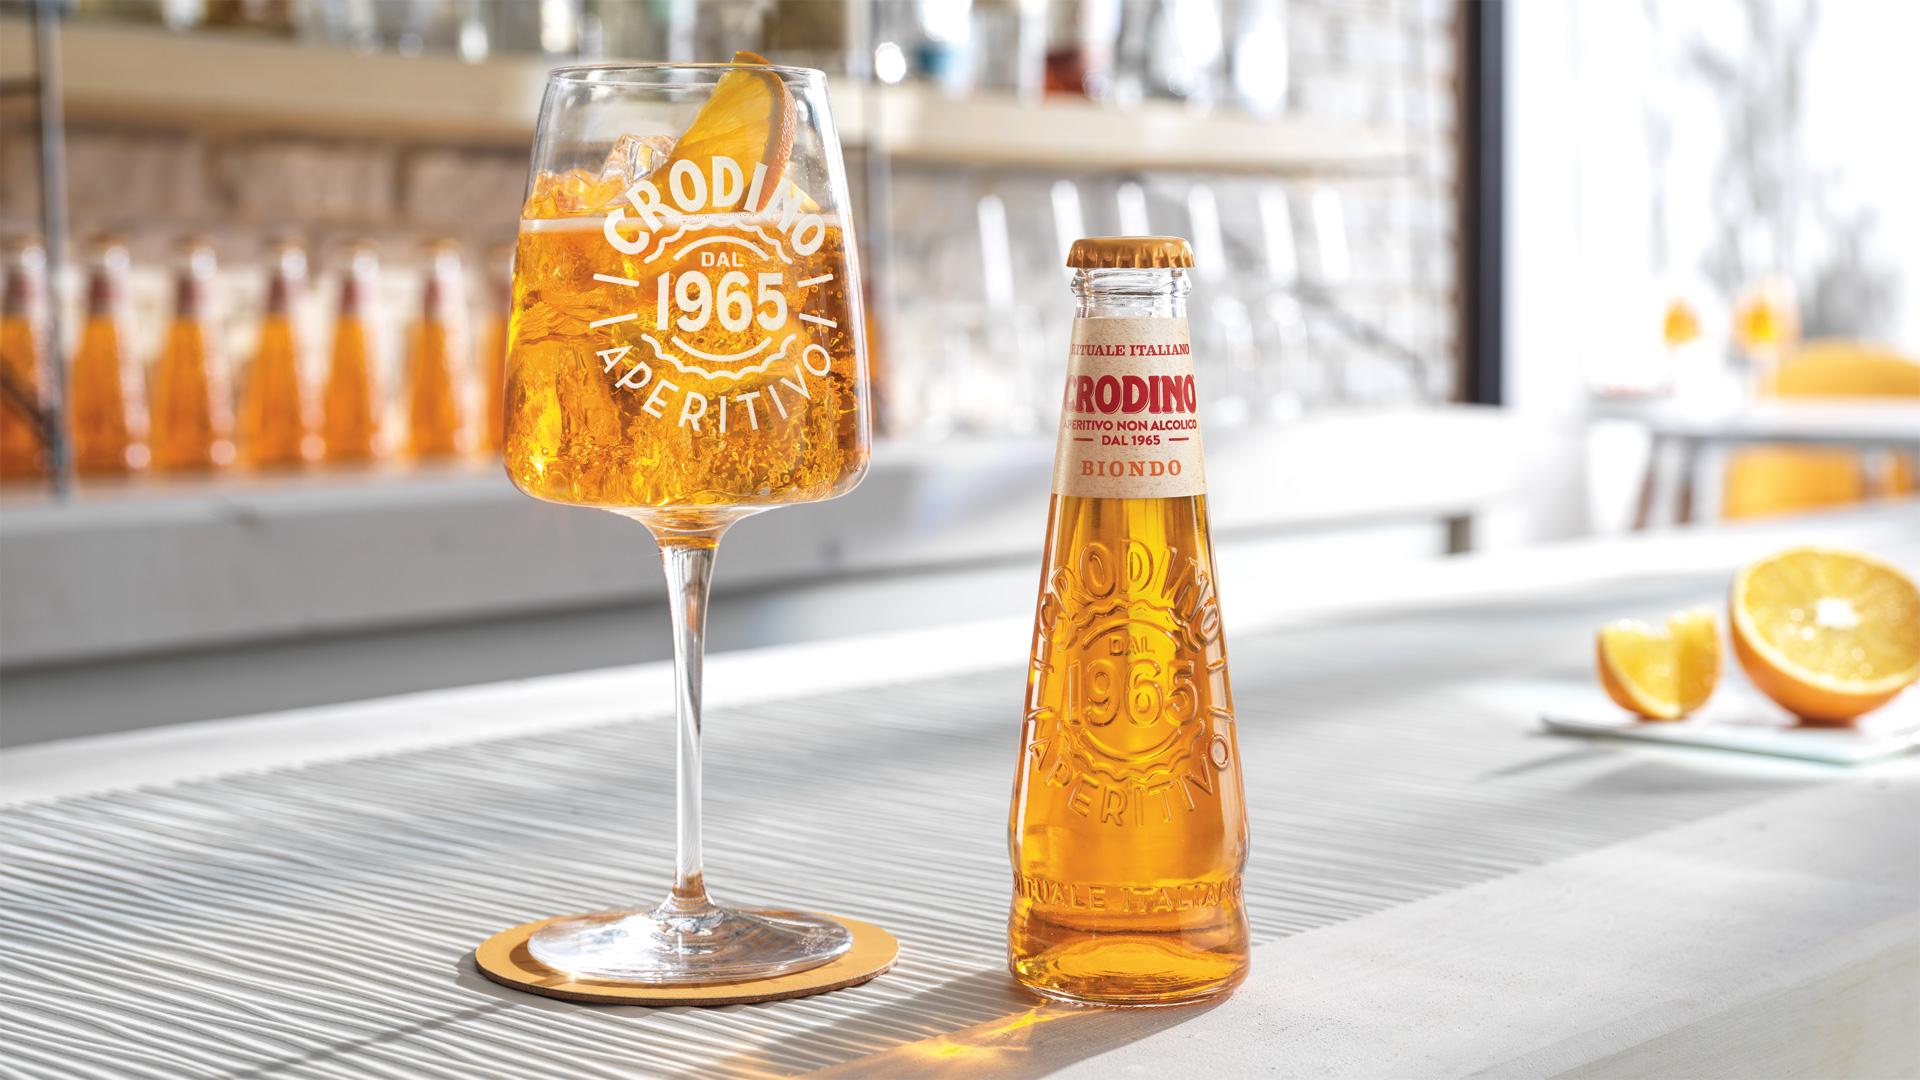 Crodino-Rba-Design-003